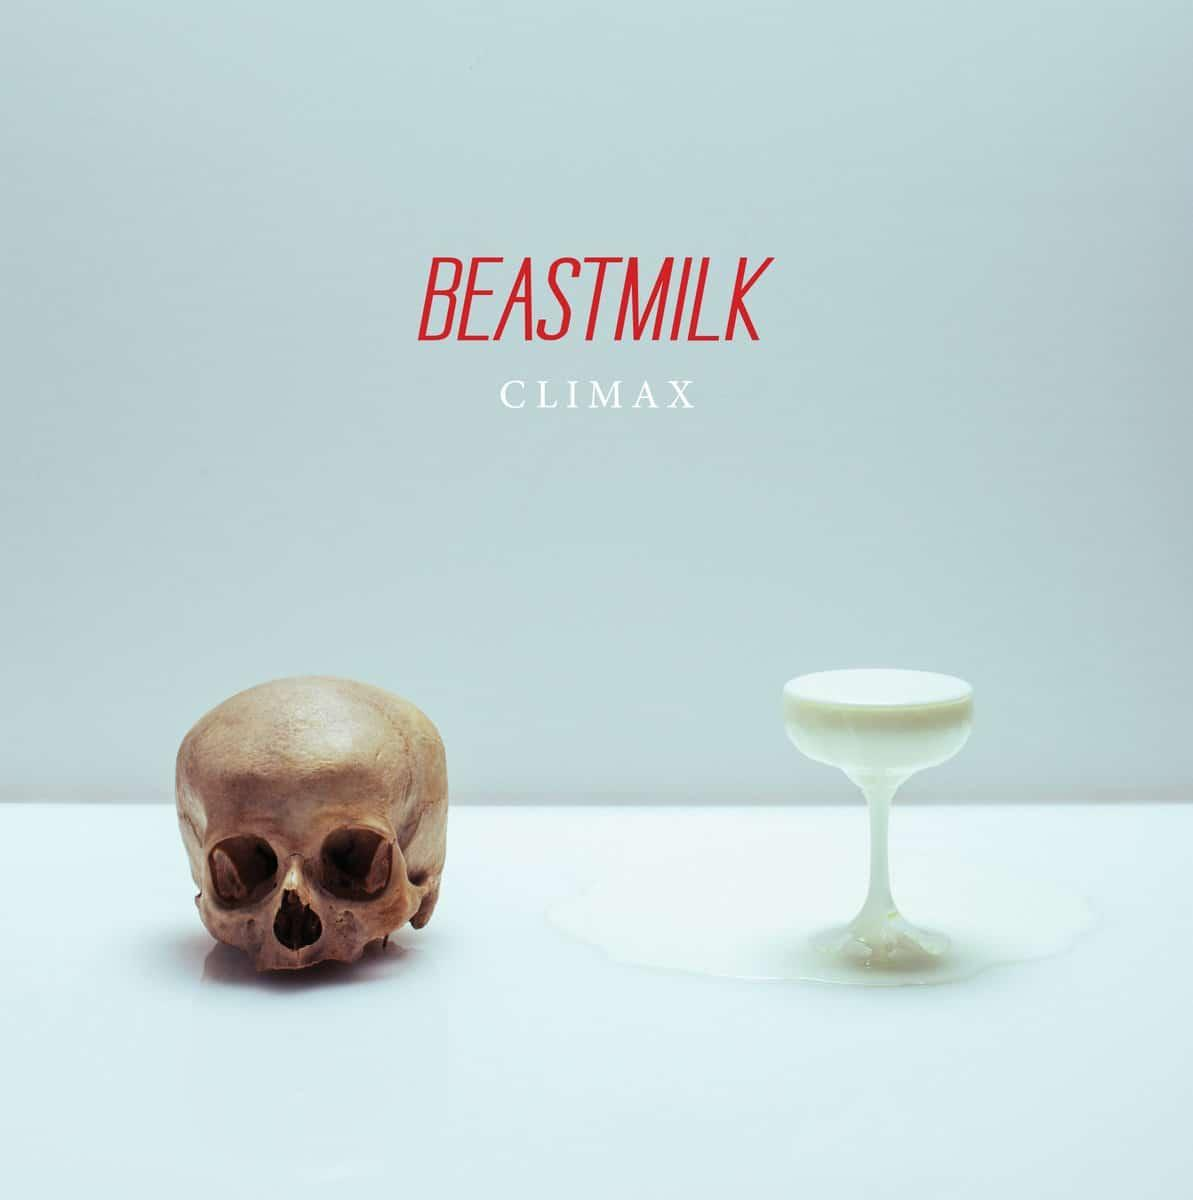 beastmilk.jpg